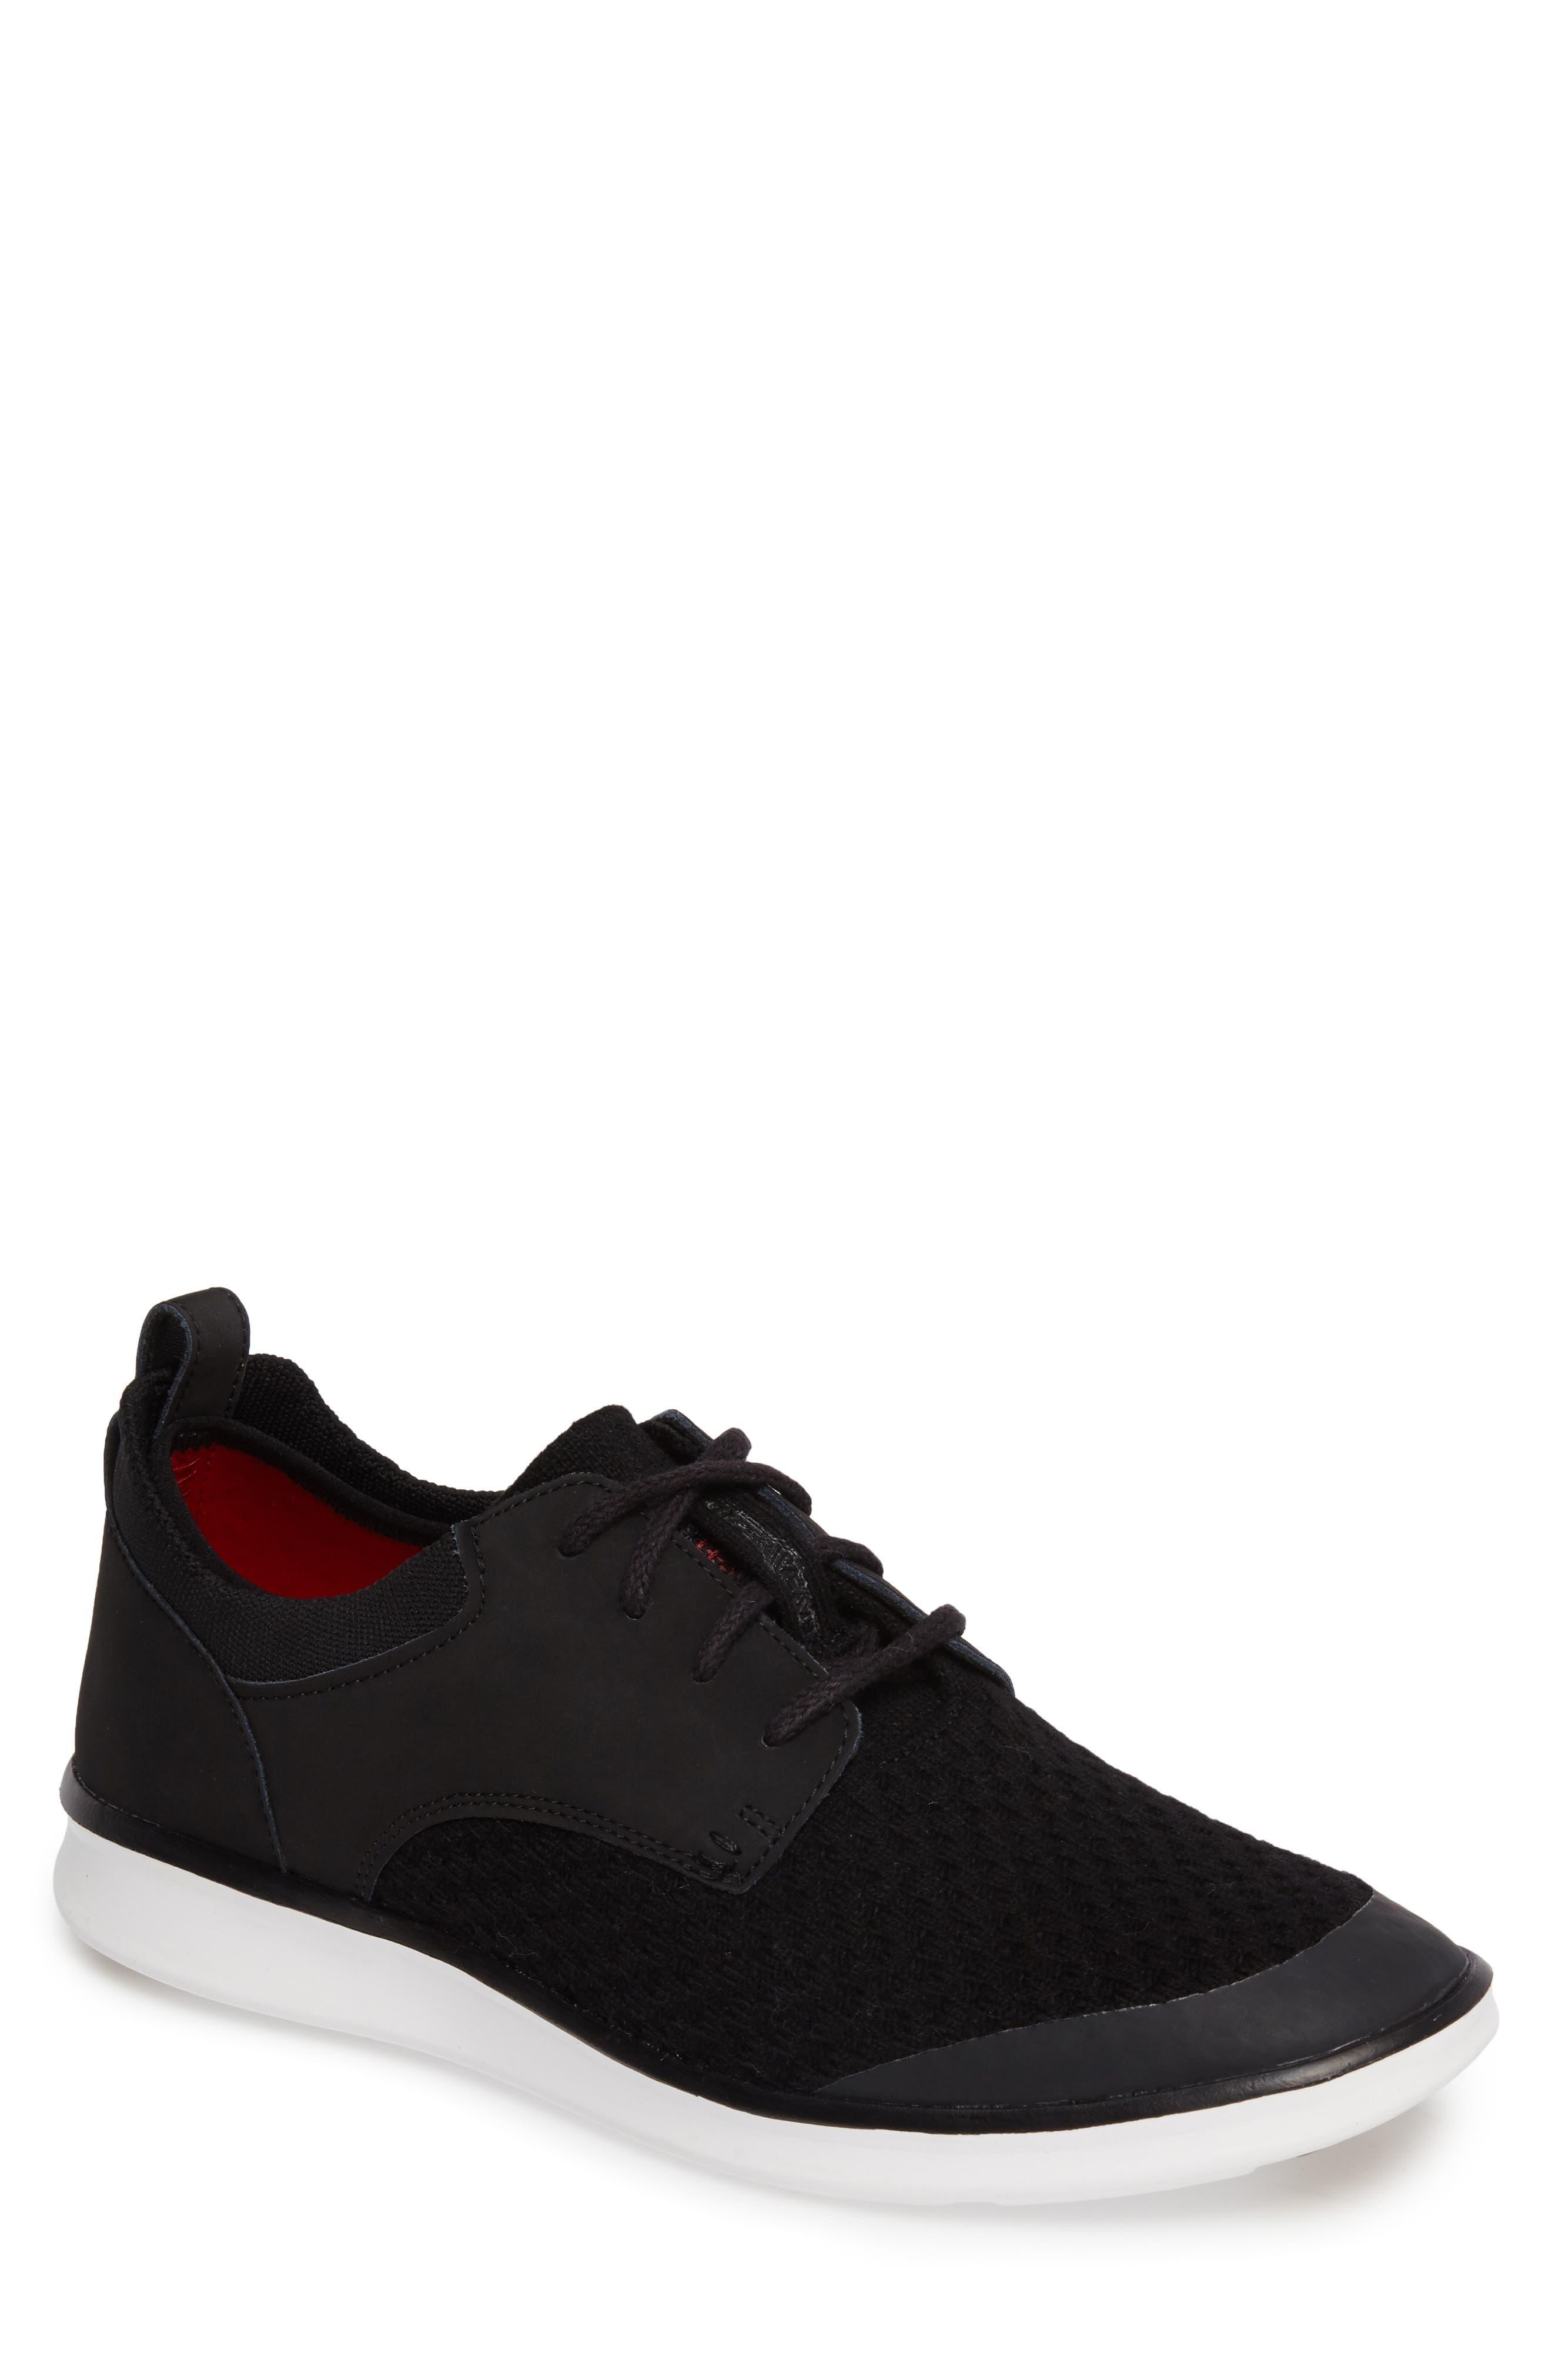 Hepner HyperWeave Sneaker,                             Main thumbnail 1, color,                             001